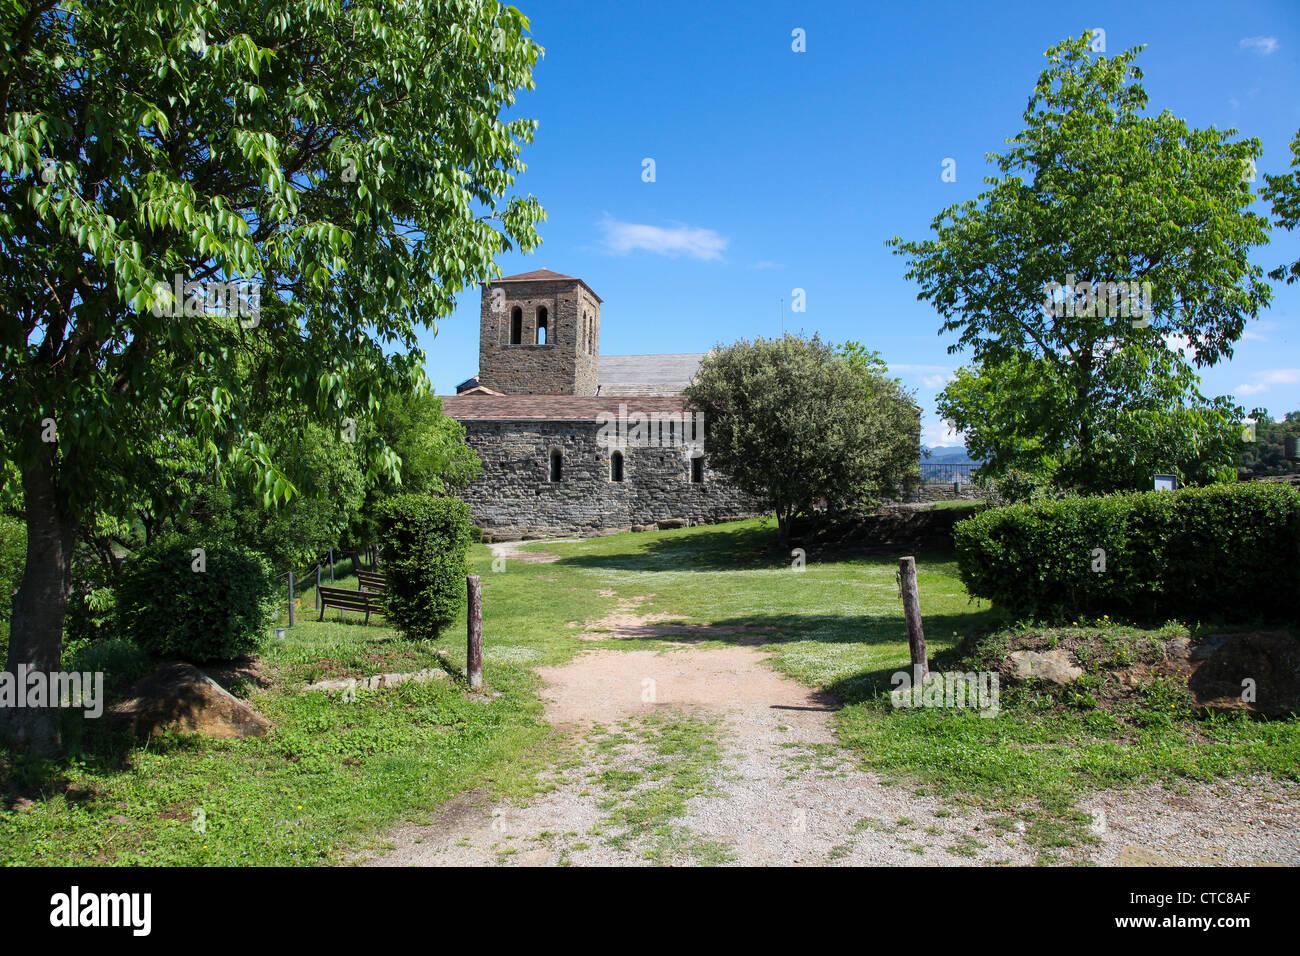 Sant Perre de Casserres in Catalogna Immagini Stock